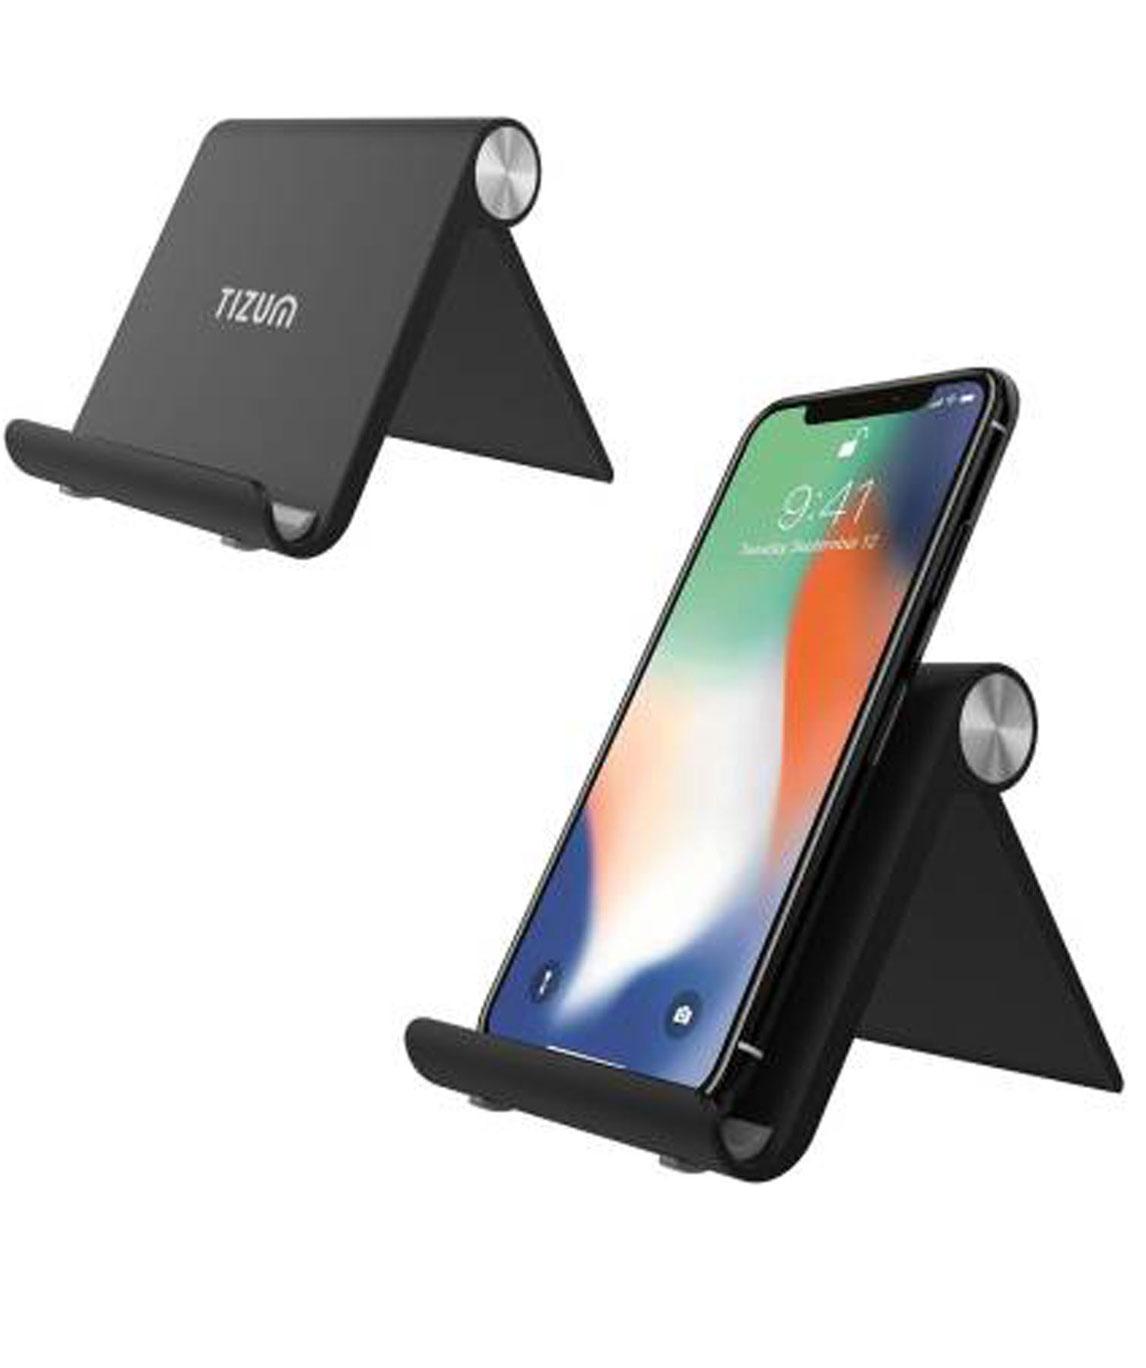 FOLDABLE PORTABLE DESKTOP STAND FOR PHONE, TABLETS MOBILE HOLDER